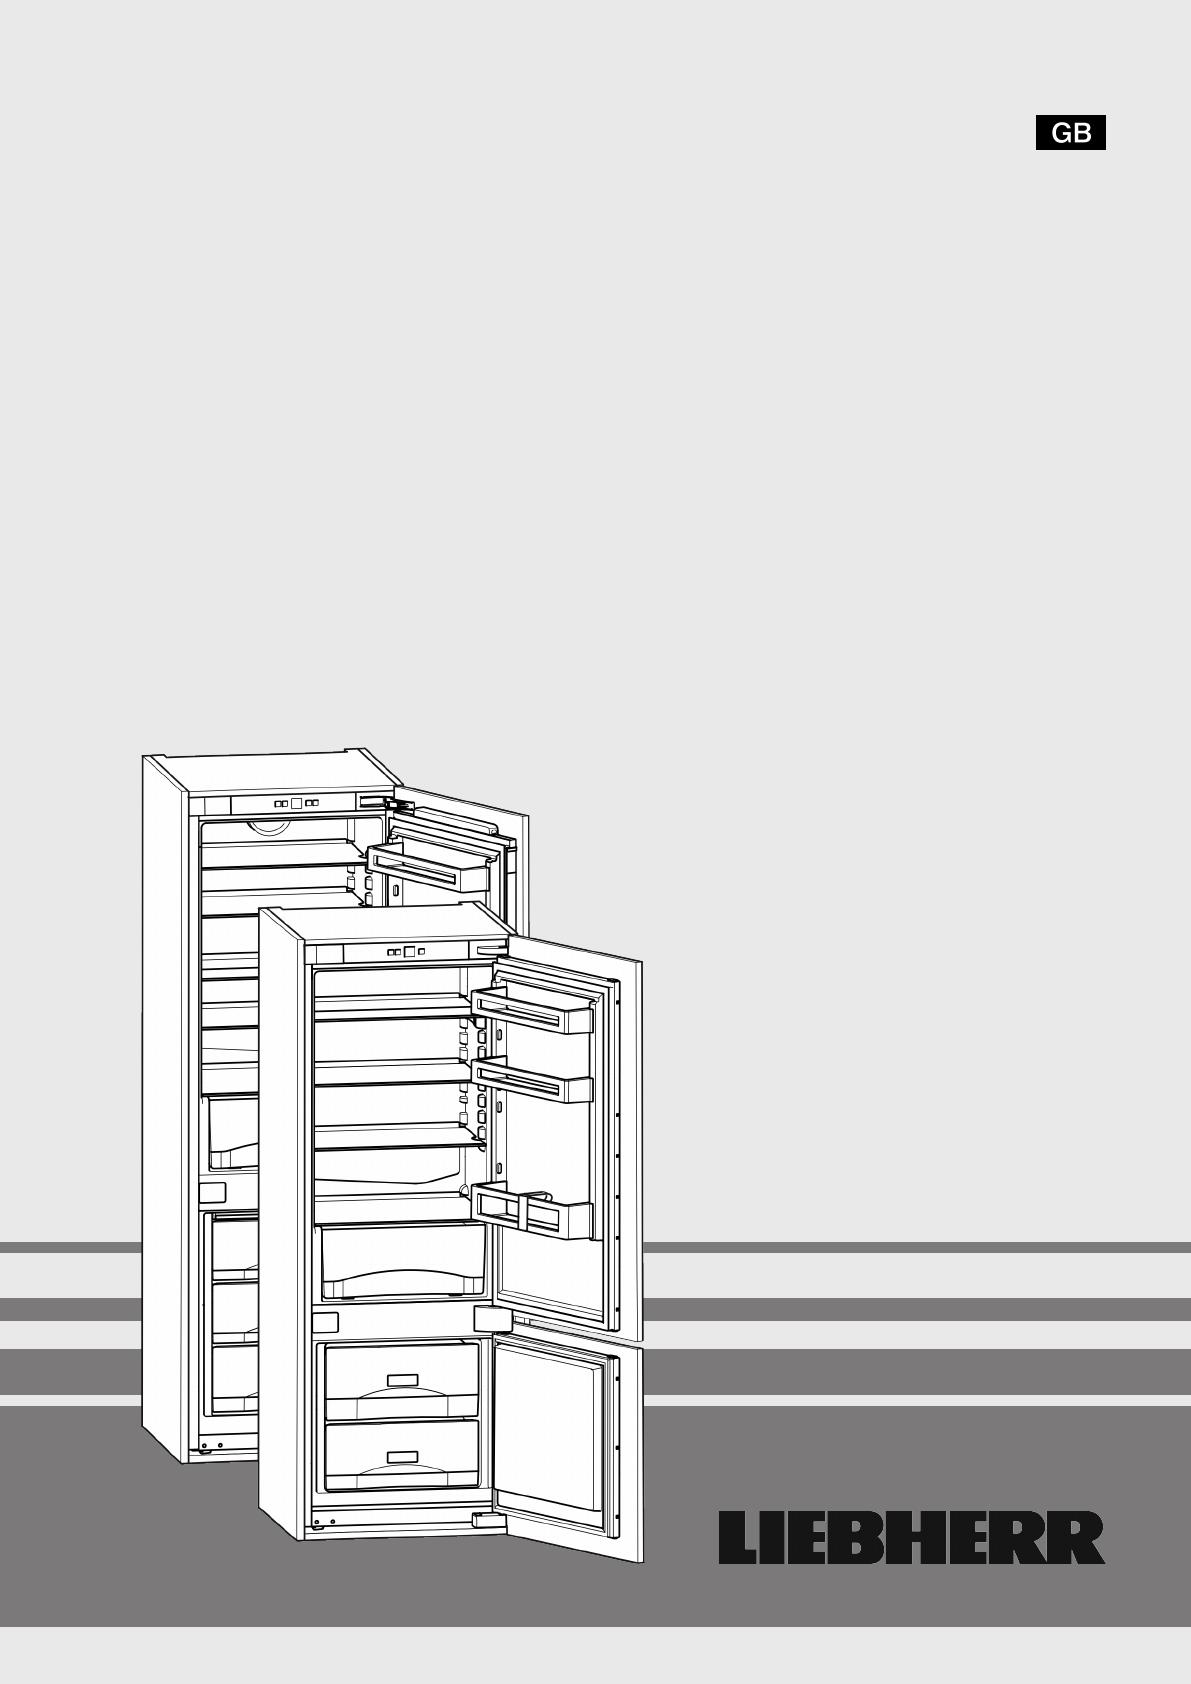 liebherr refrigerator 7085446 01 user guide manualsonline com rh kitchen manualsonline com liebherr service manuals Manual Garmin Support